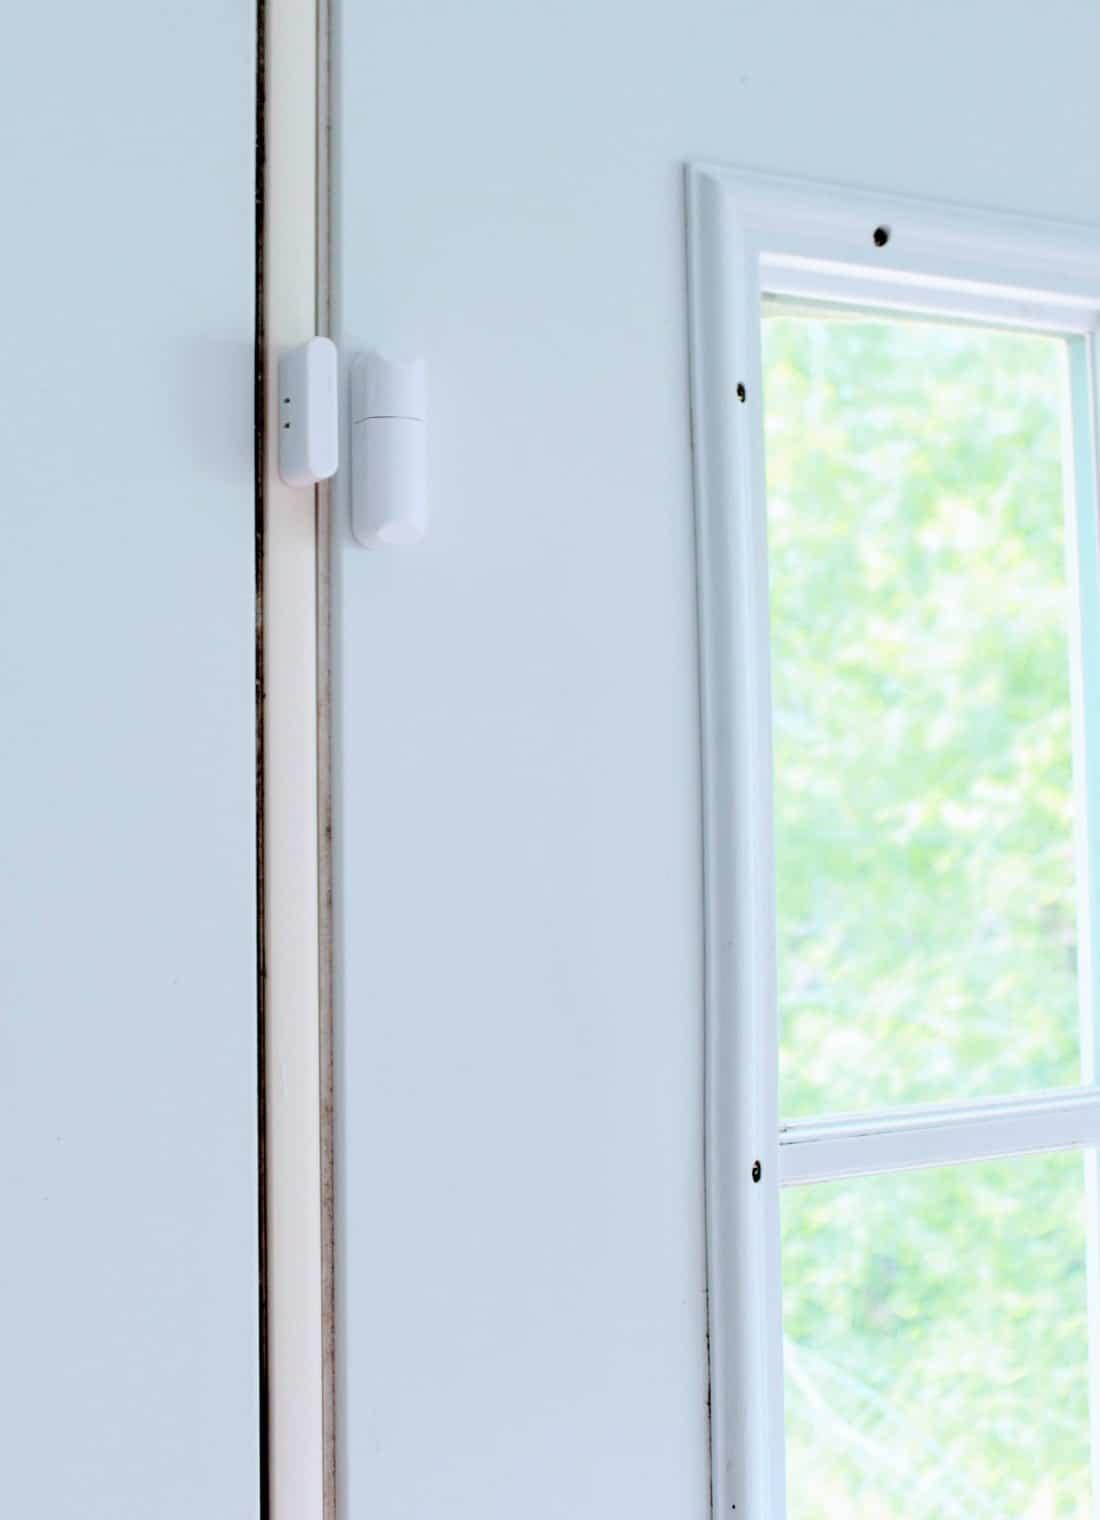 Door security sensors.